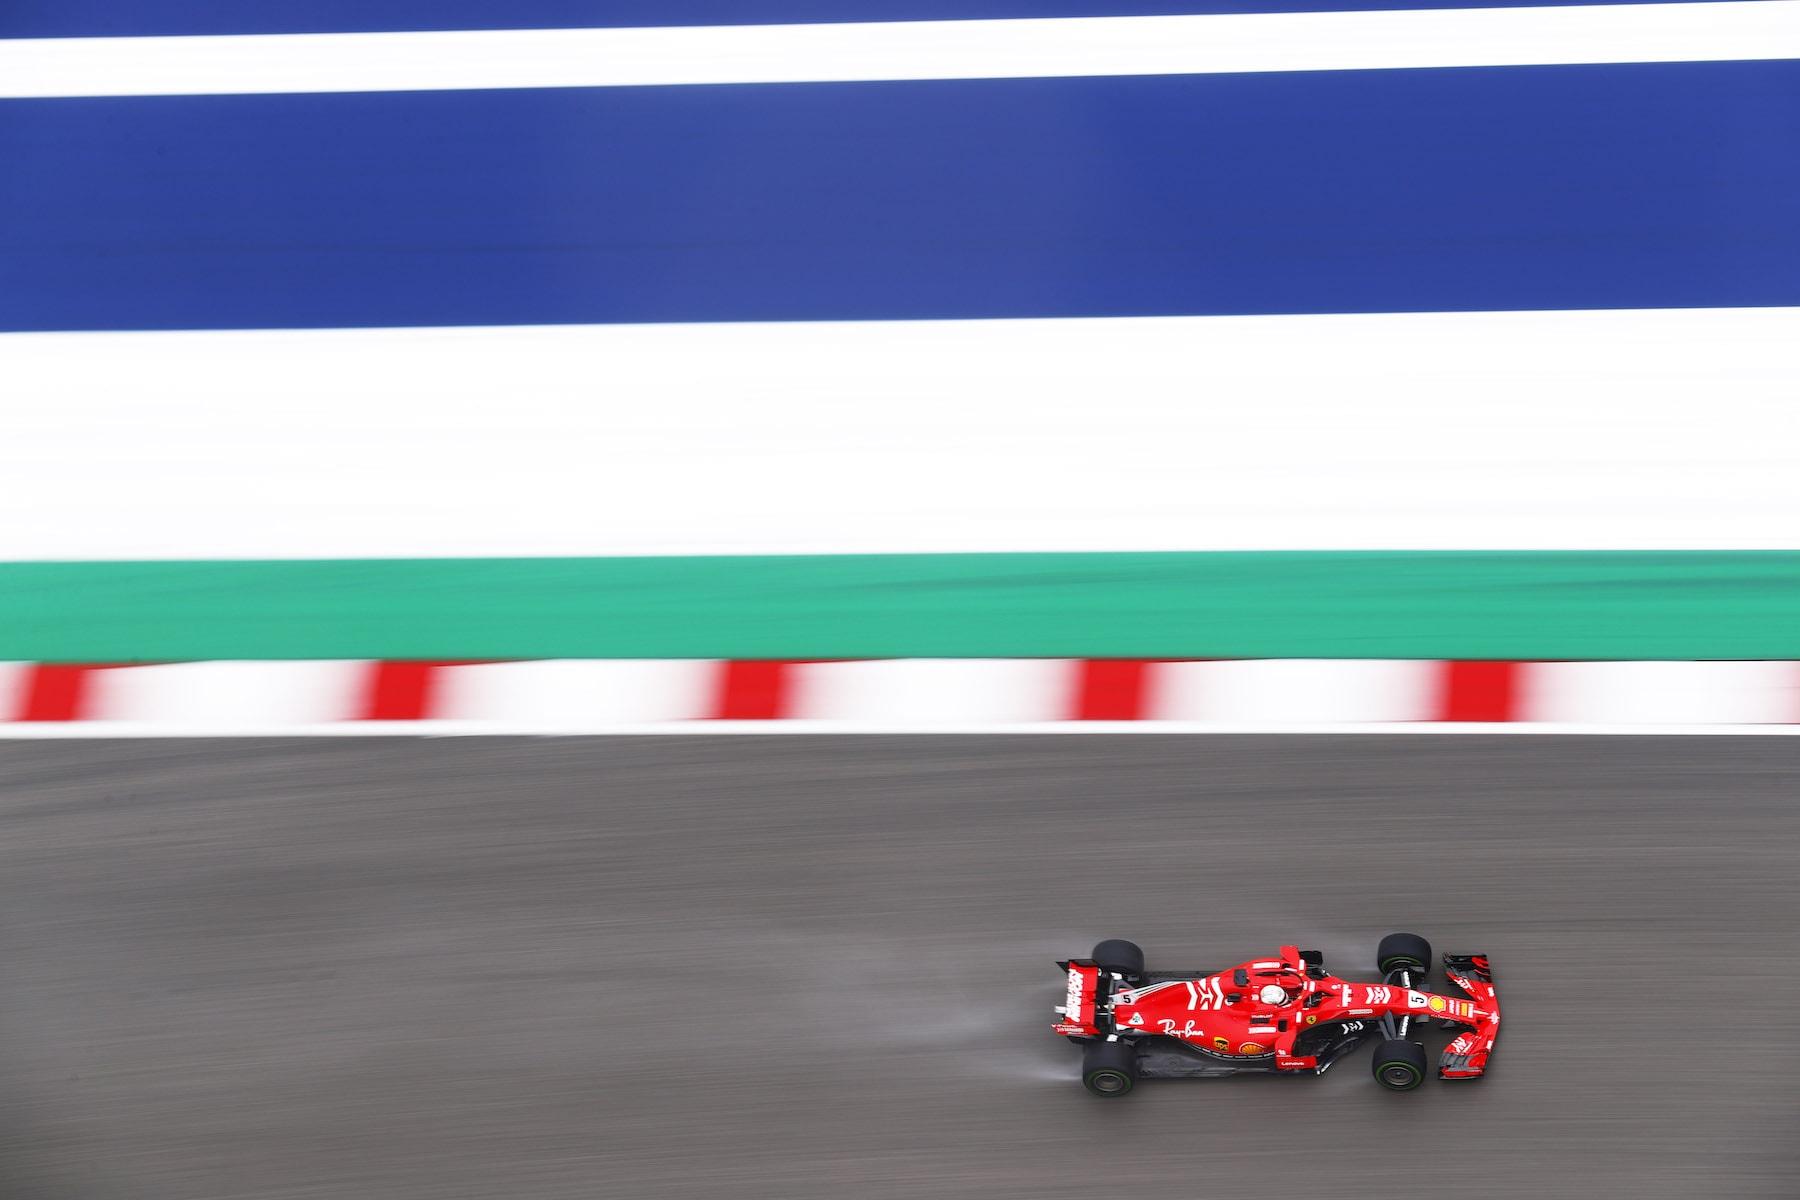 1 2018 Sebastian Vettel | Ferrari SF71H | 2018 USGP FP2 6 copy.jpg